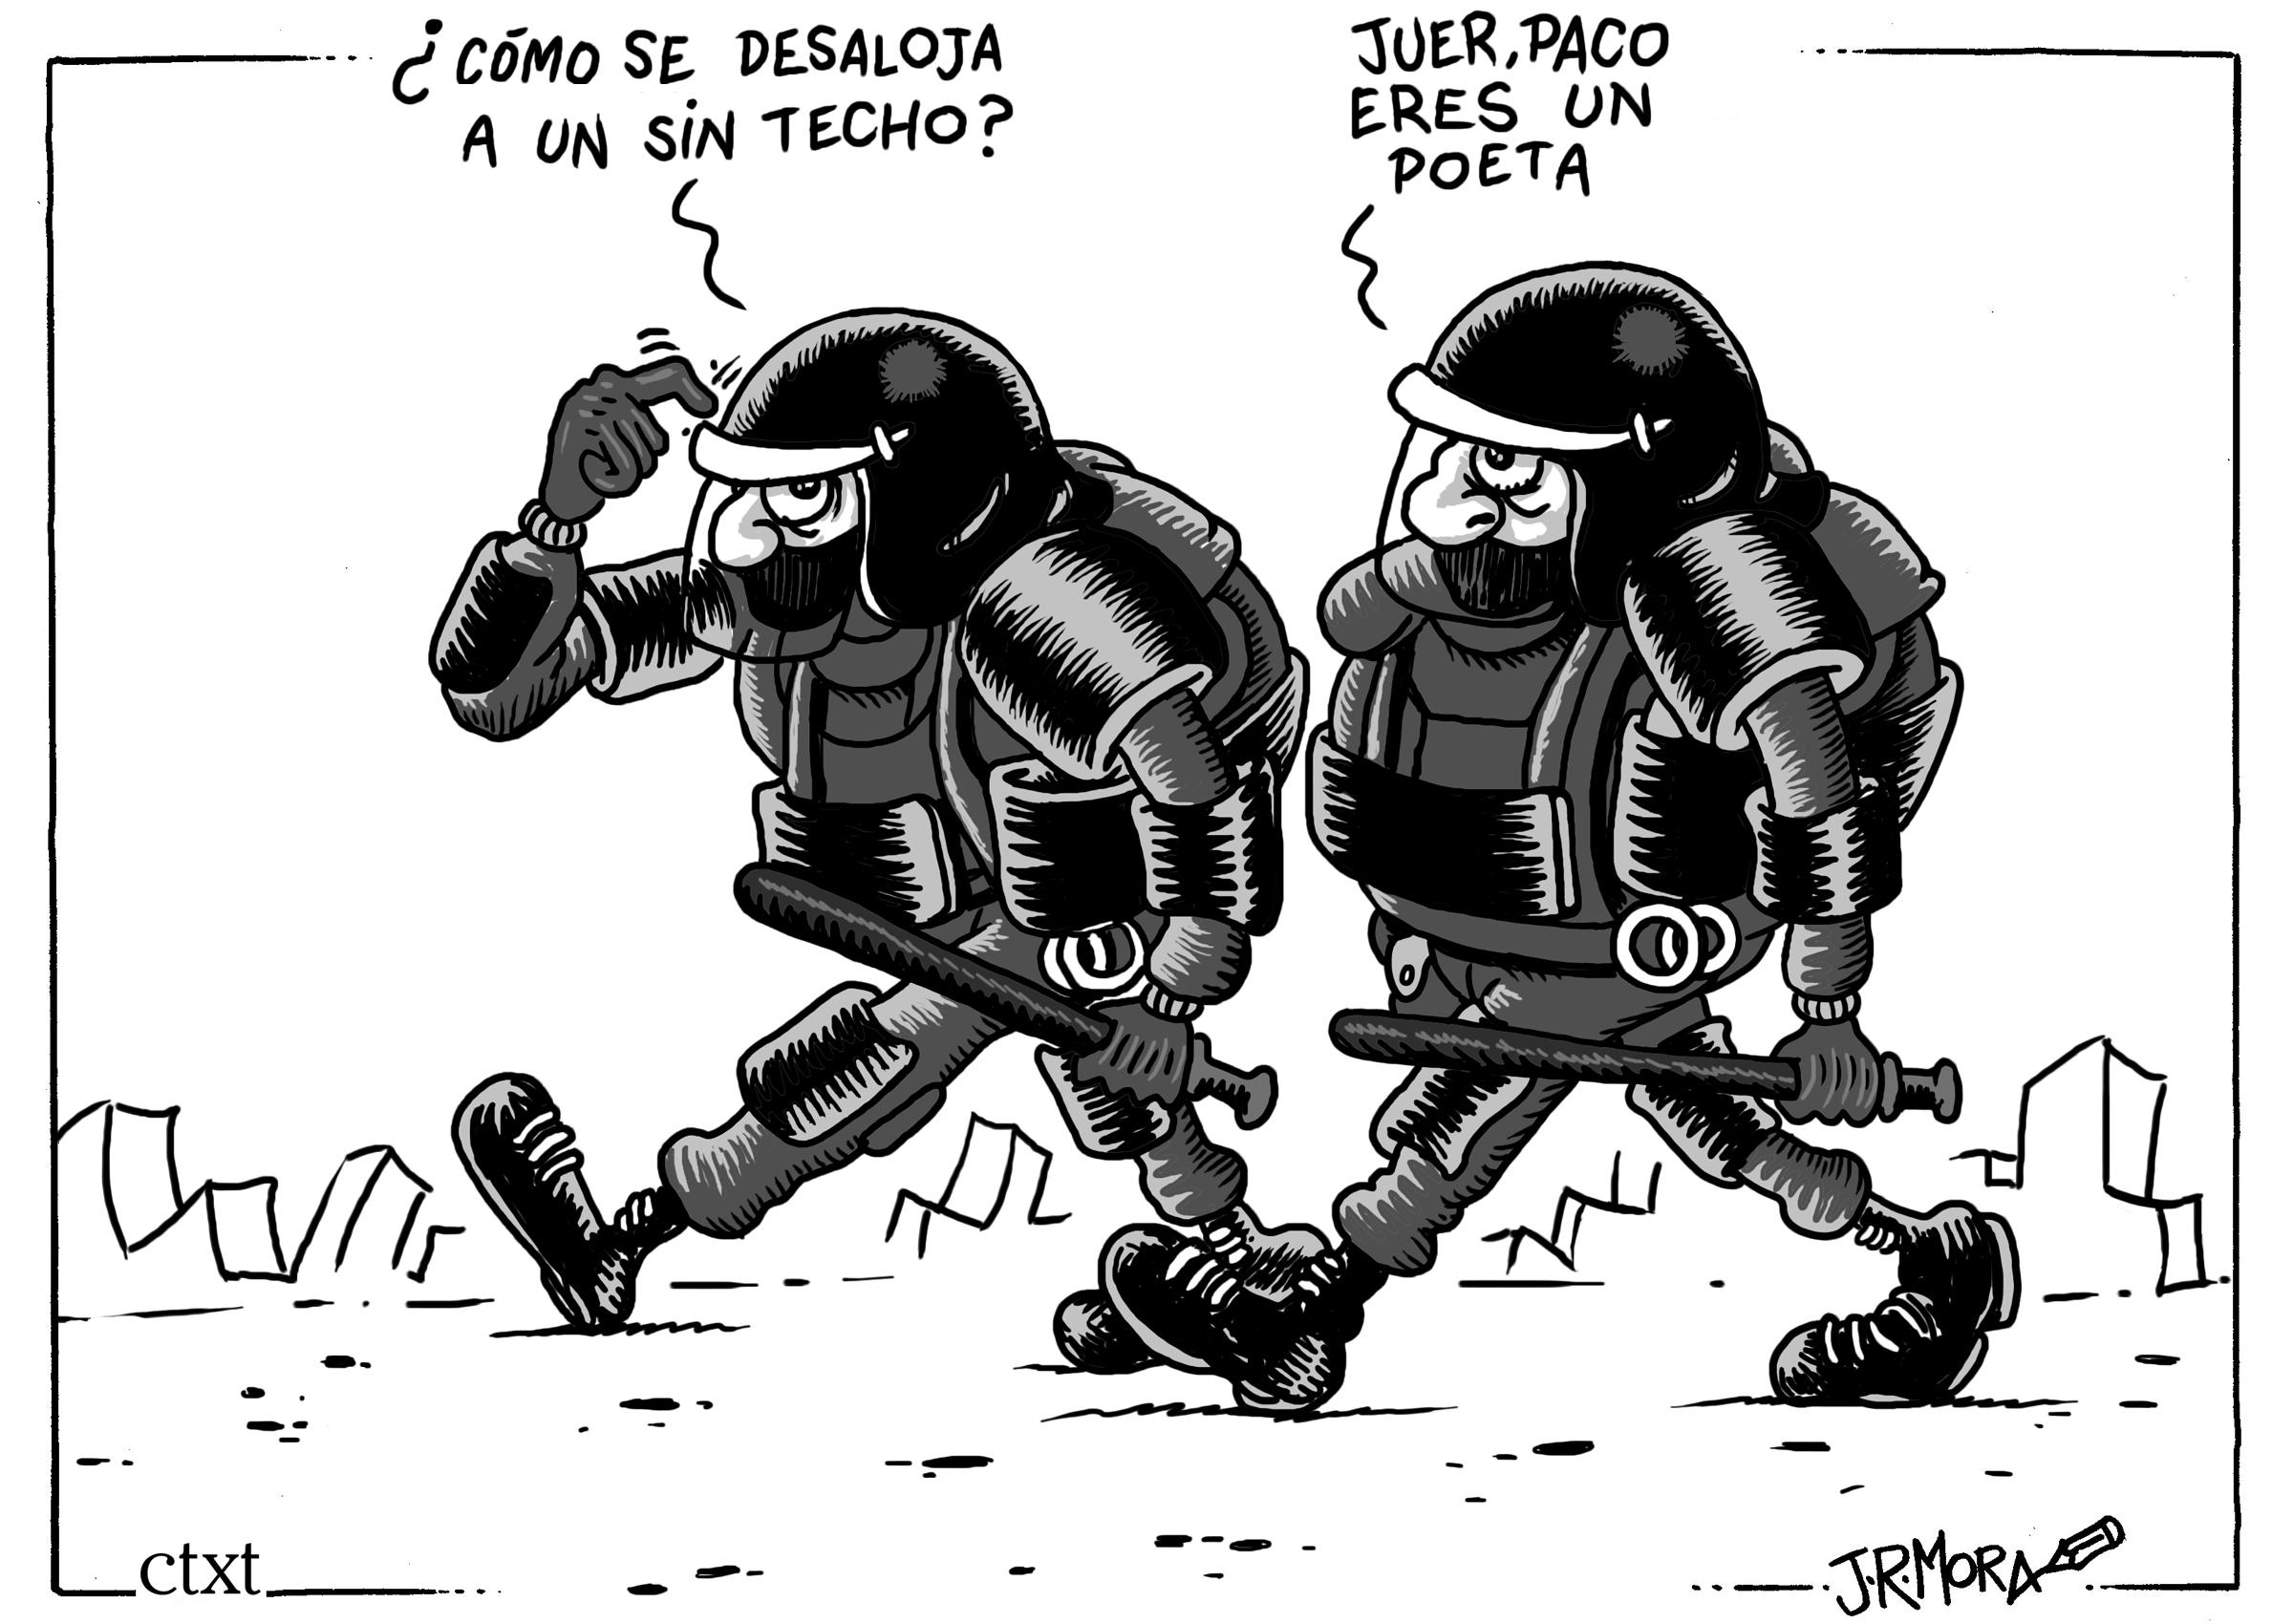 <p>La policía desaloja a los sin techo del paseo del Prado en Madrid.</p>